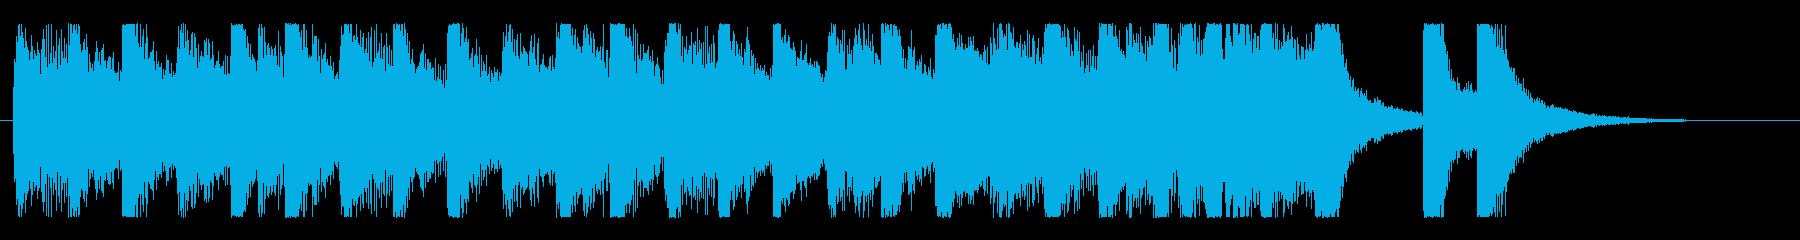 コミカルで怪しげなオーケストラワルツの再生済みの波形